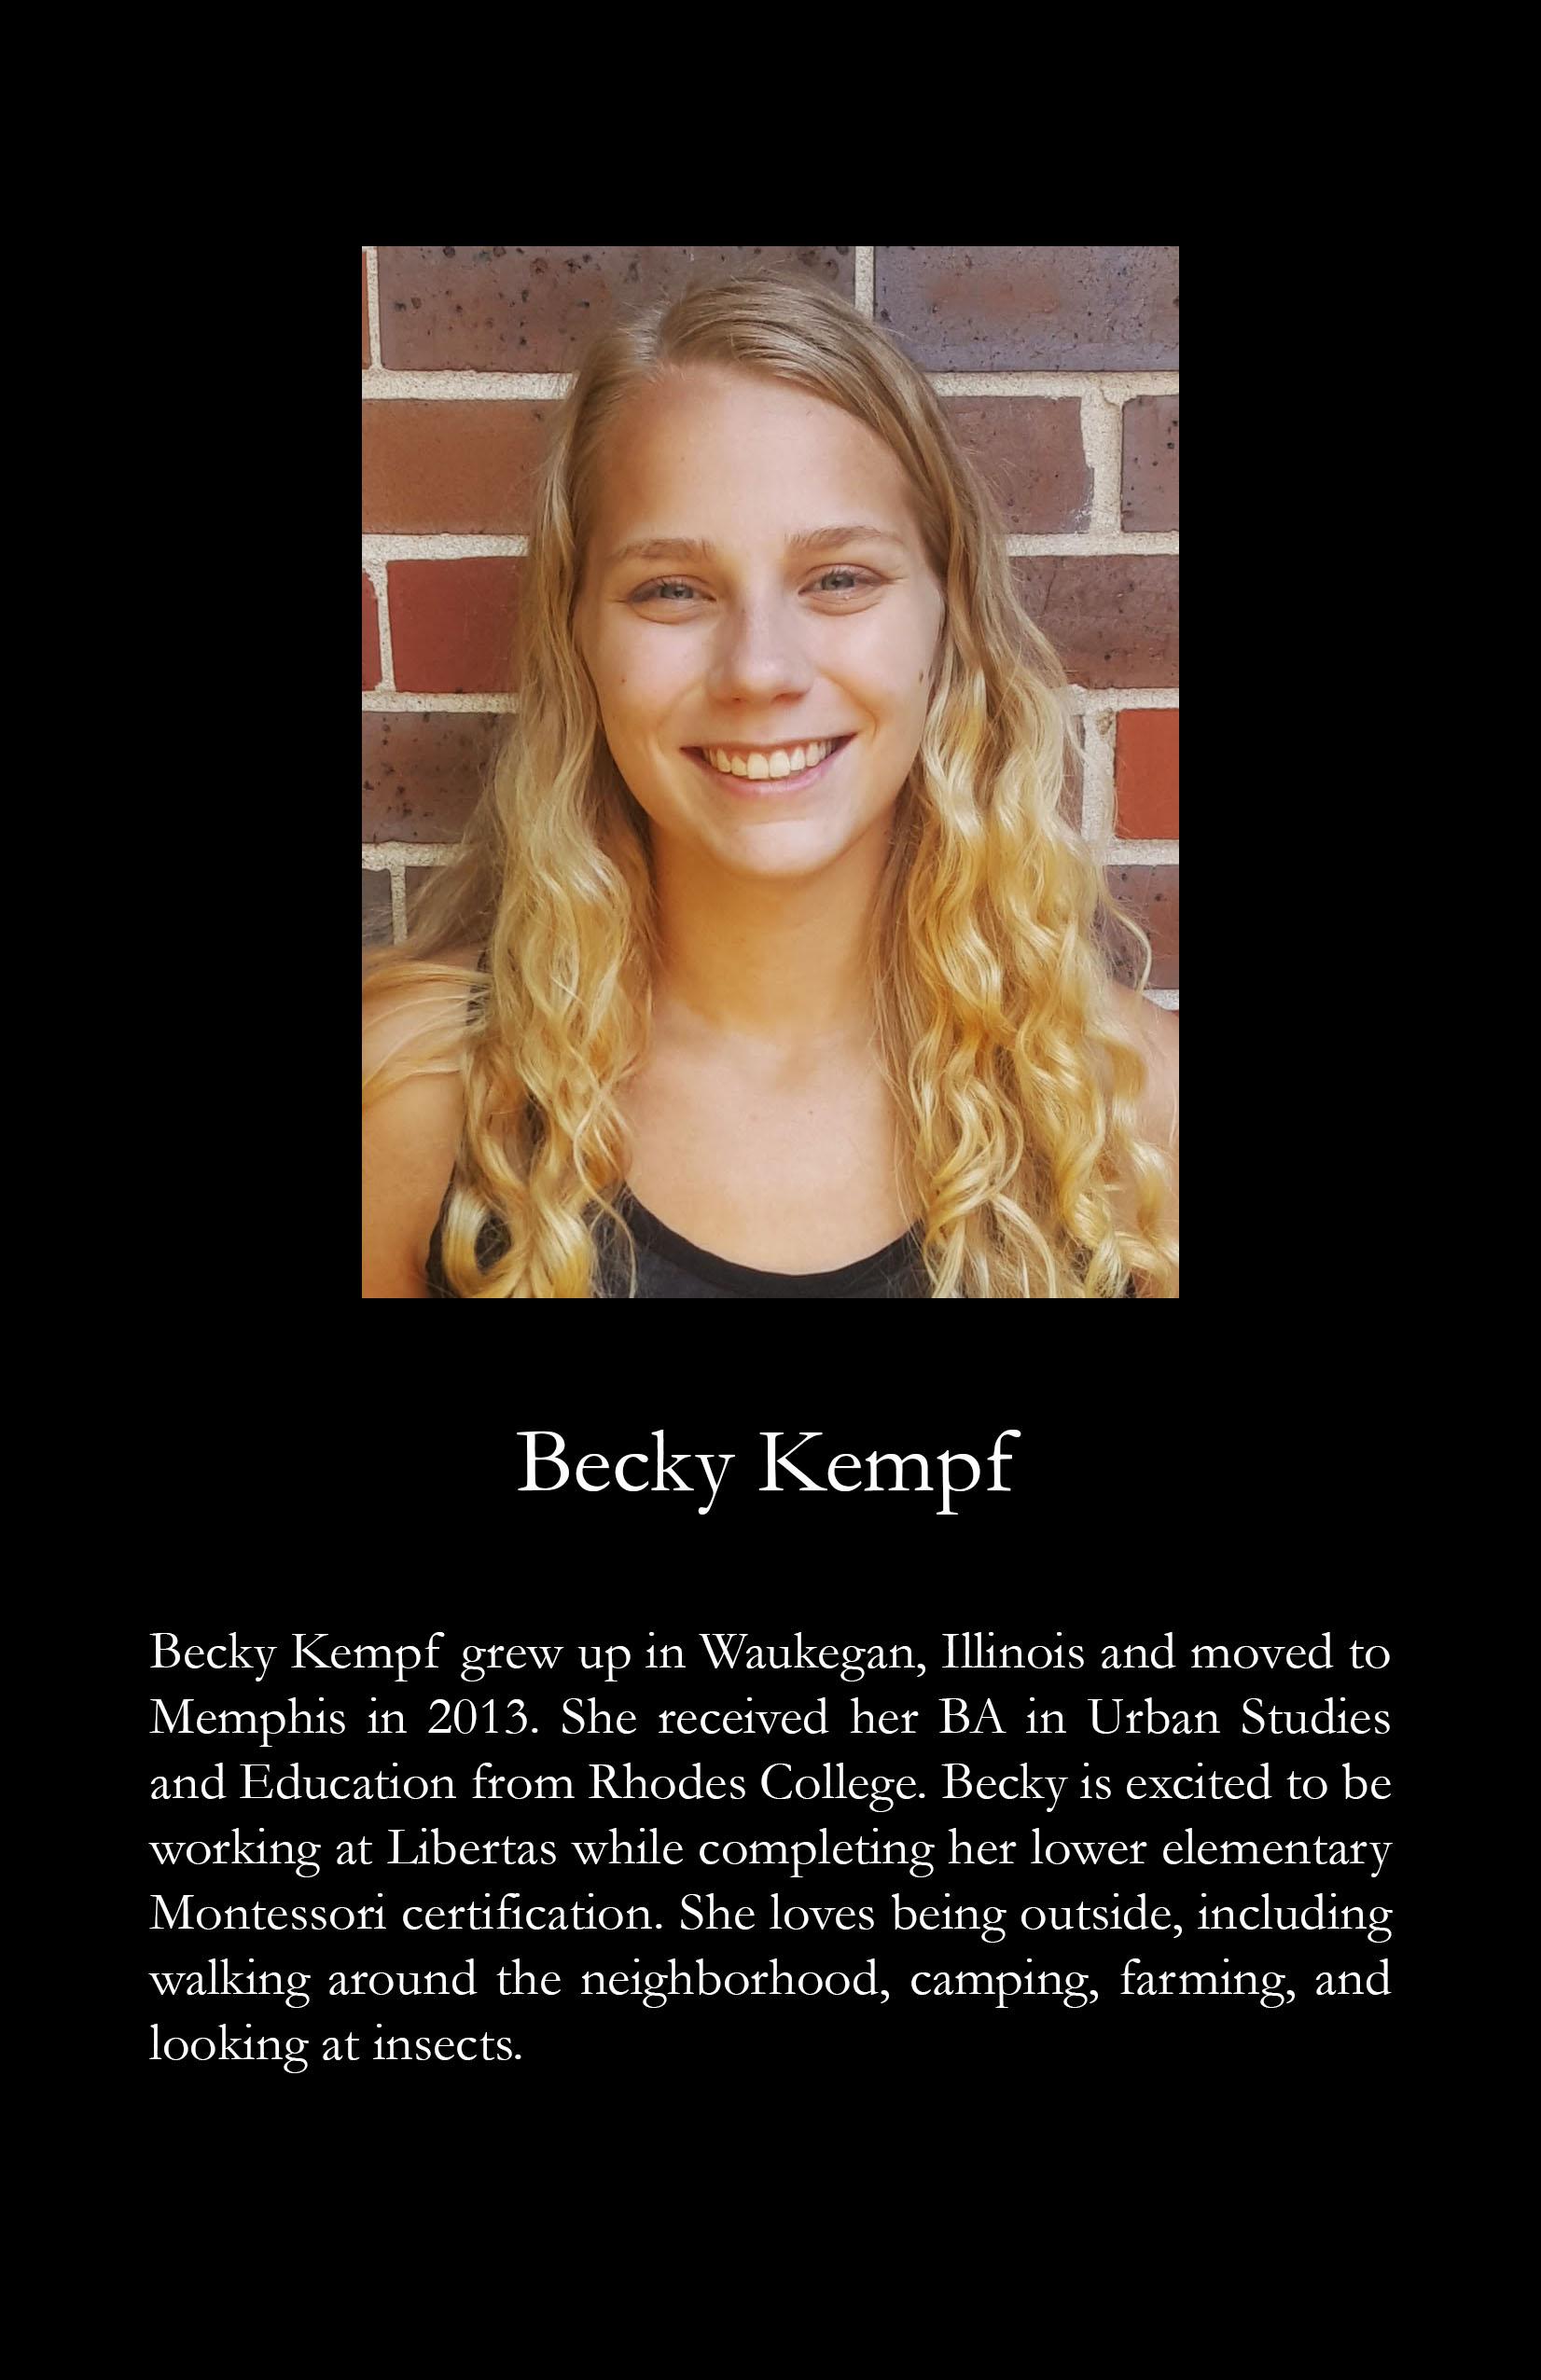 Becky Kempf.jpg